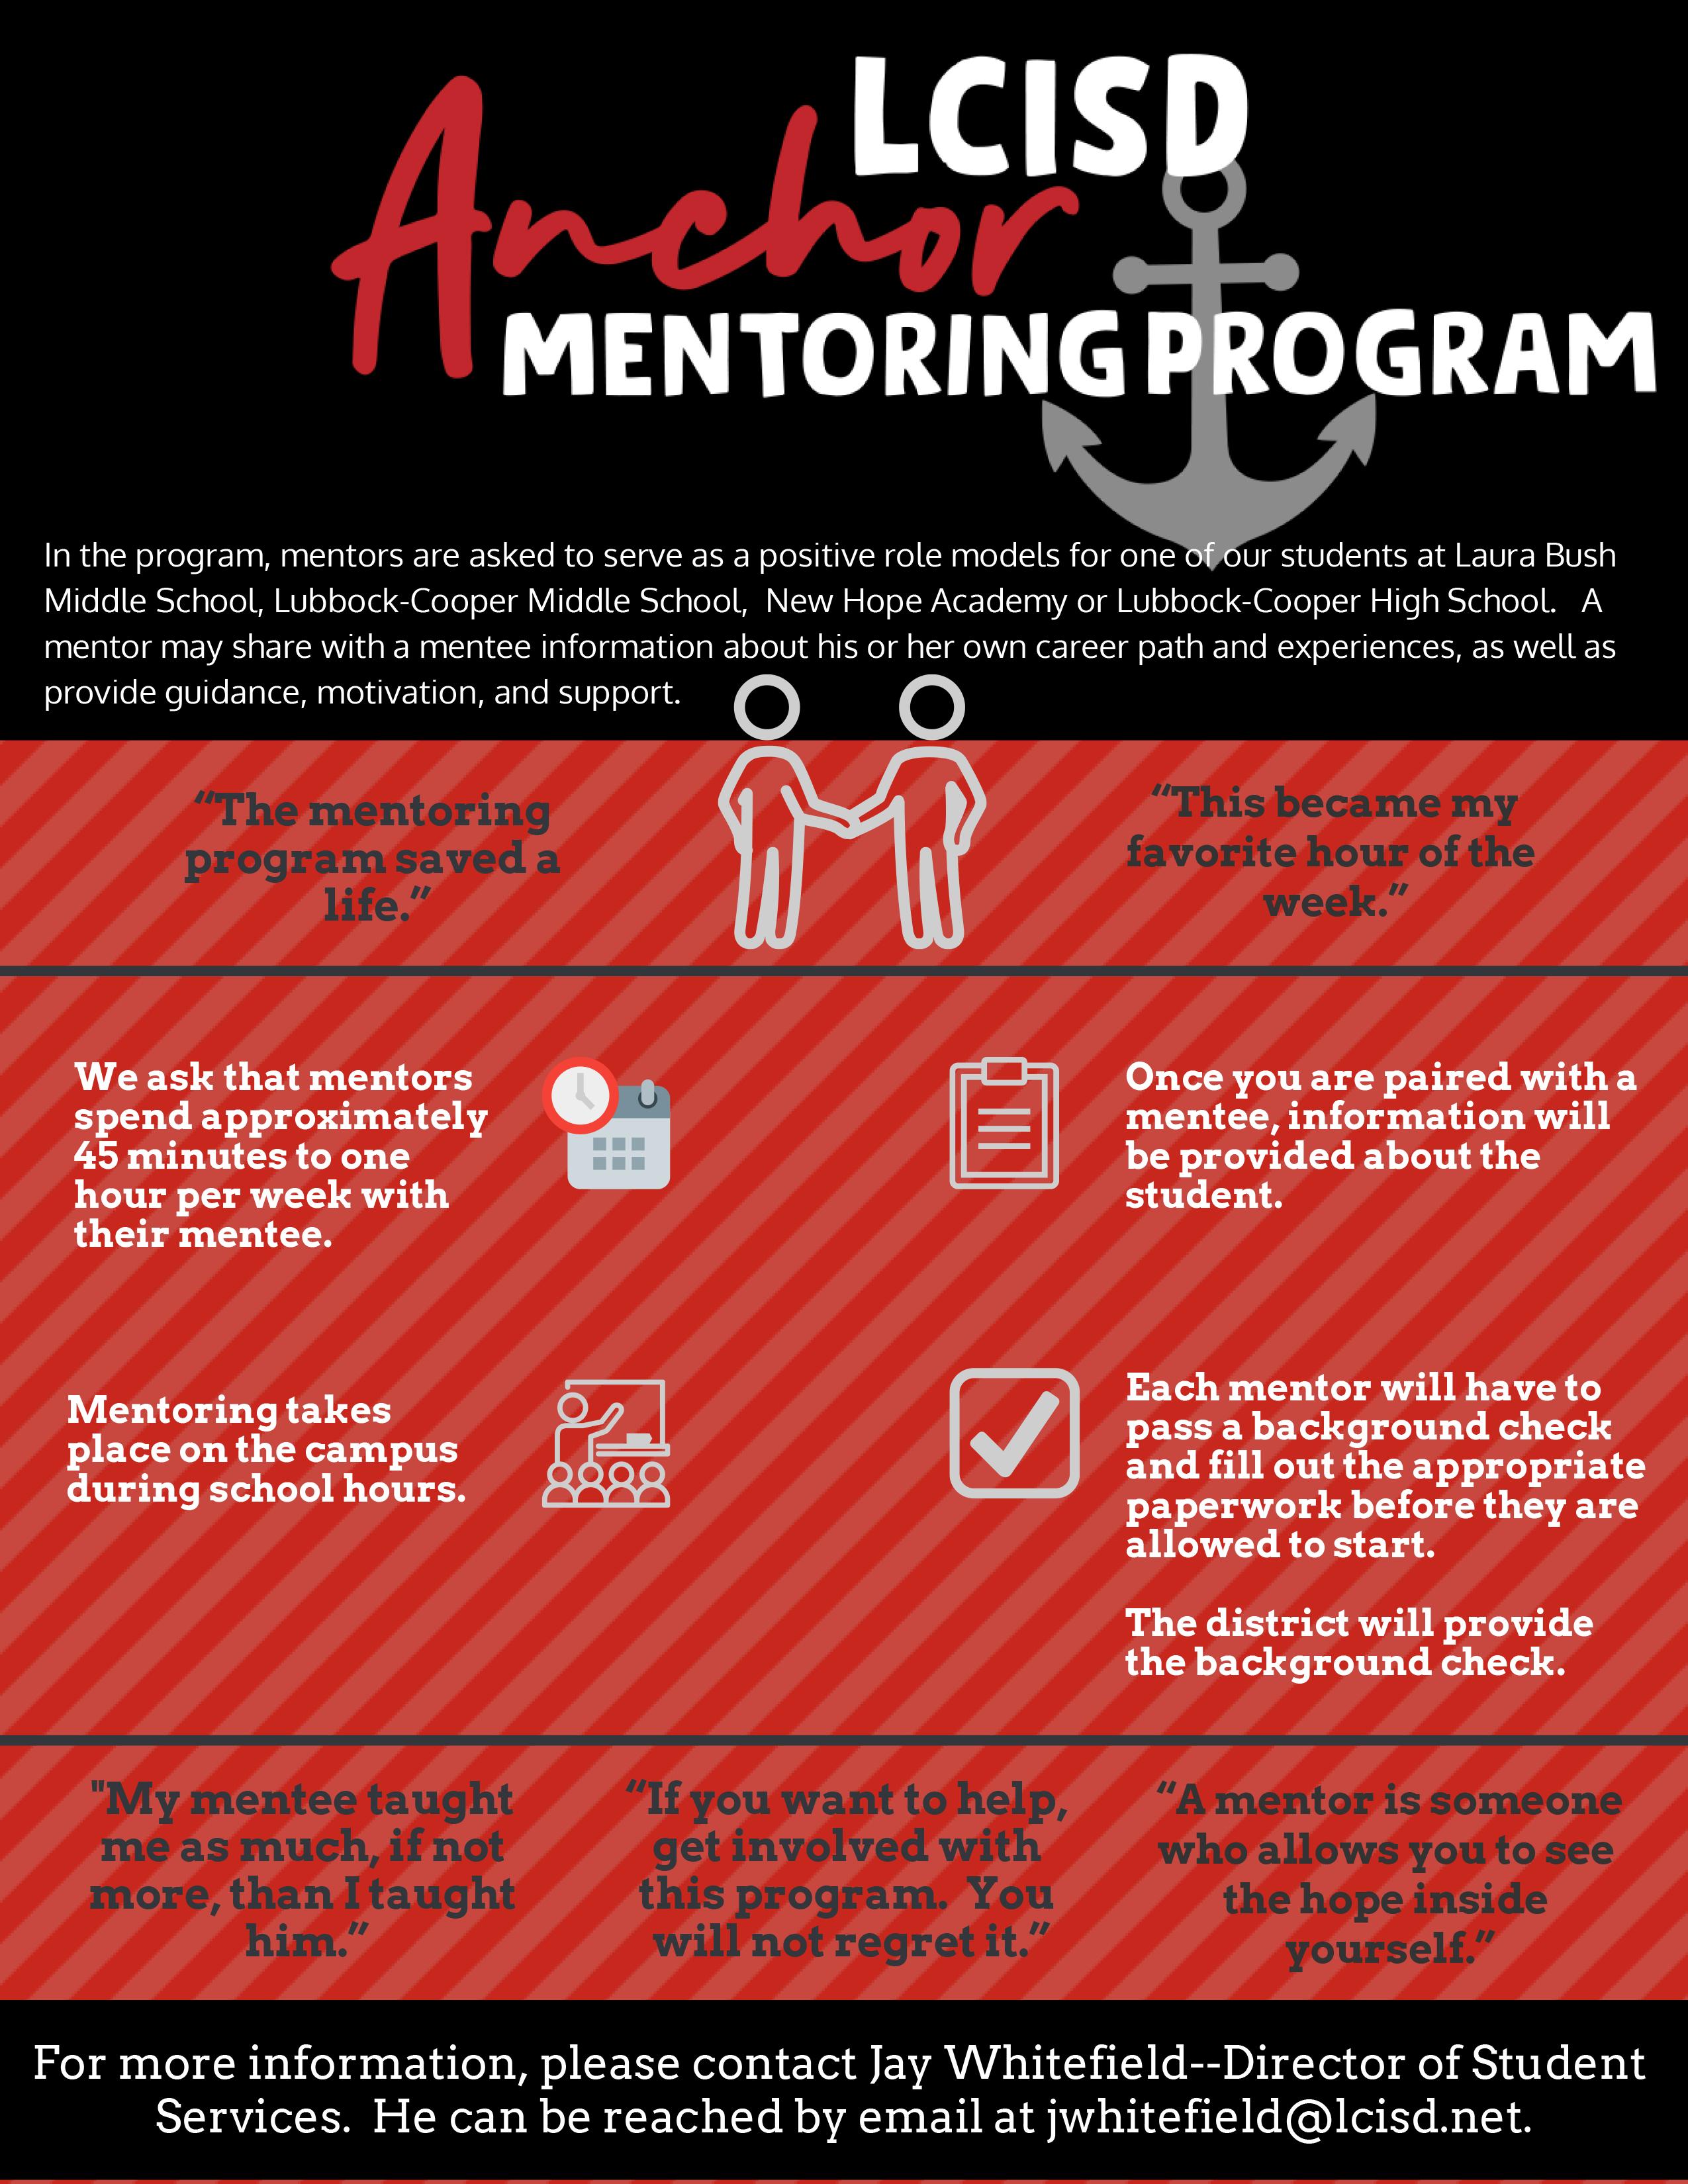 LCISD Mentoring Program Flyer